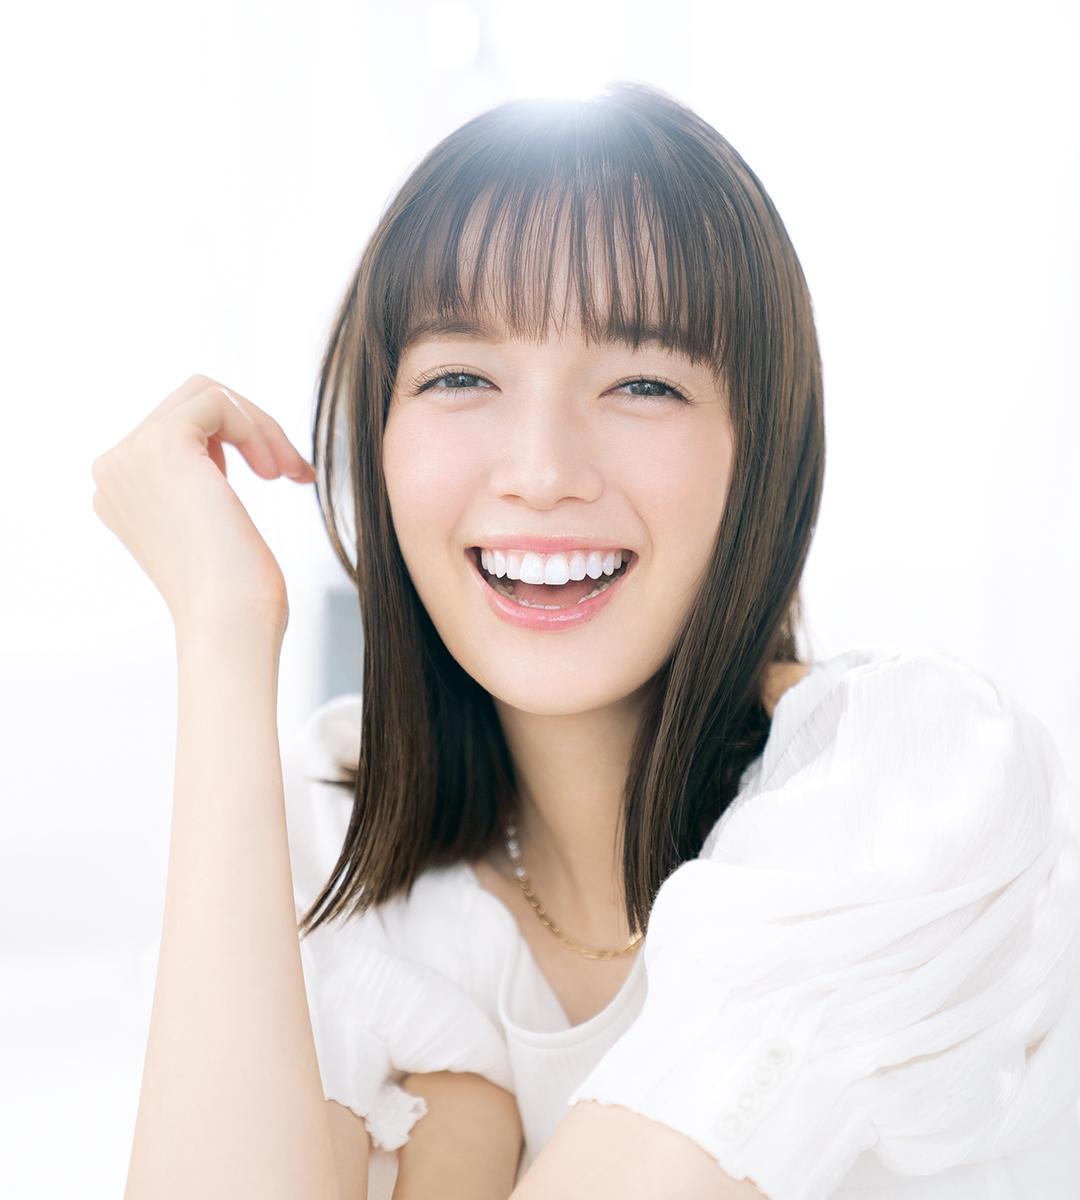 『カルテHD』シリーズはモアモデルの佐藤栞里もおすすめする敏感肌向けスキンケア